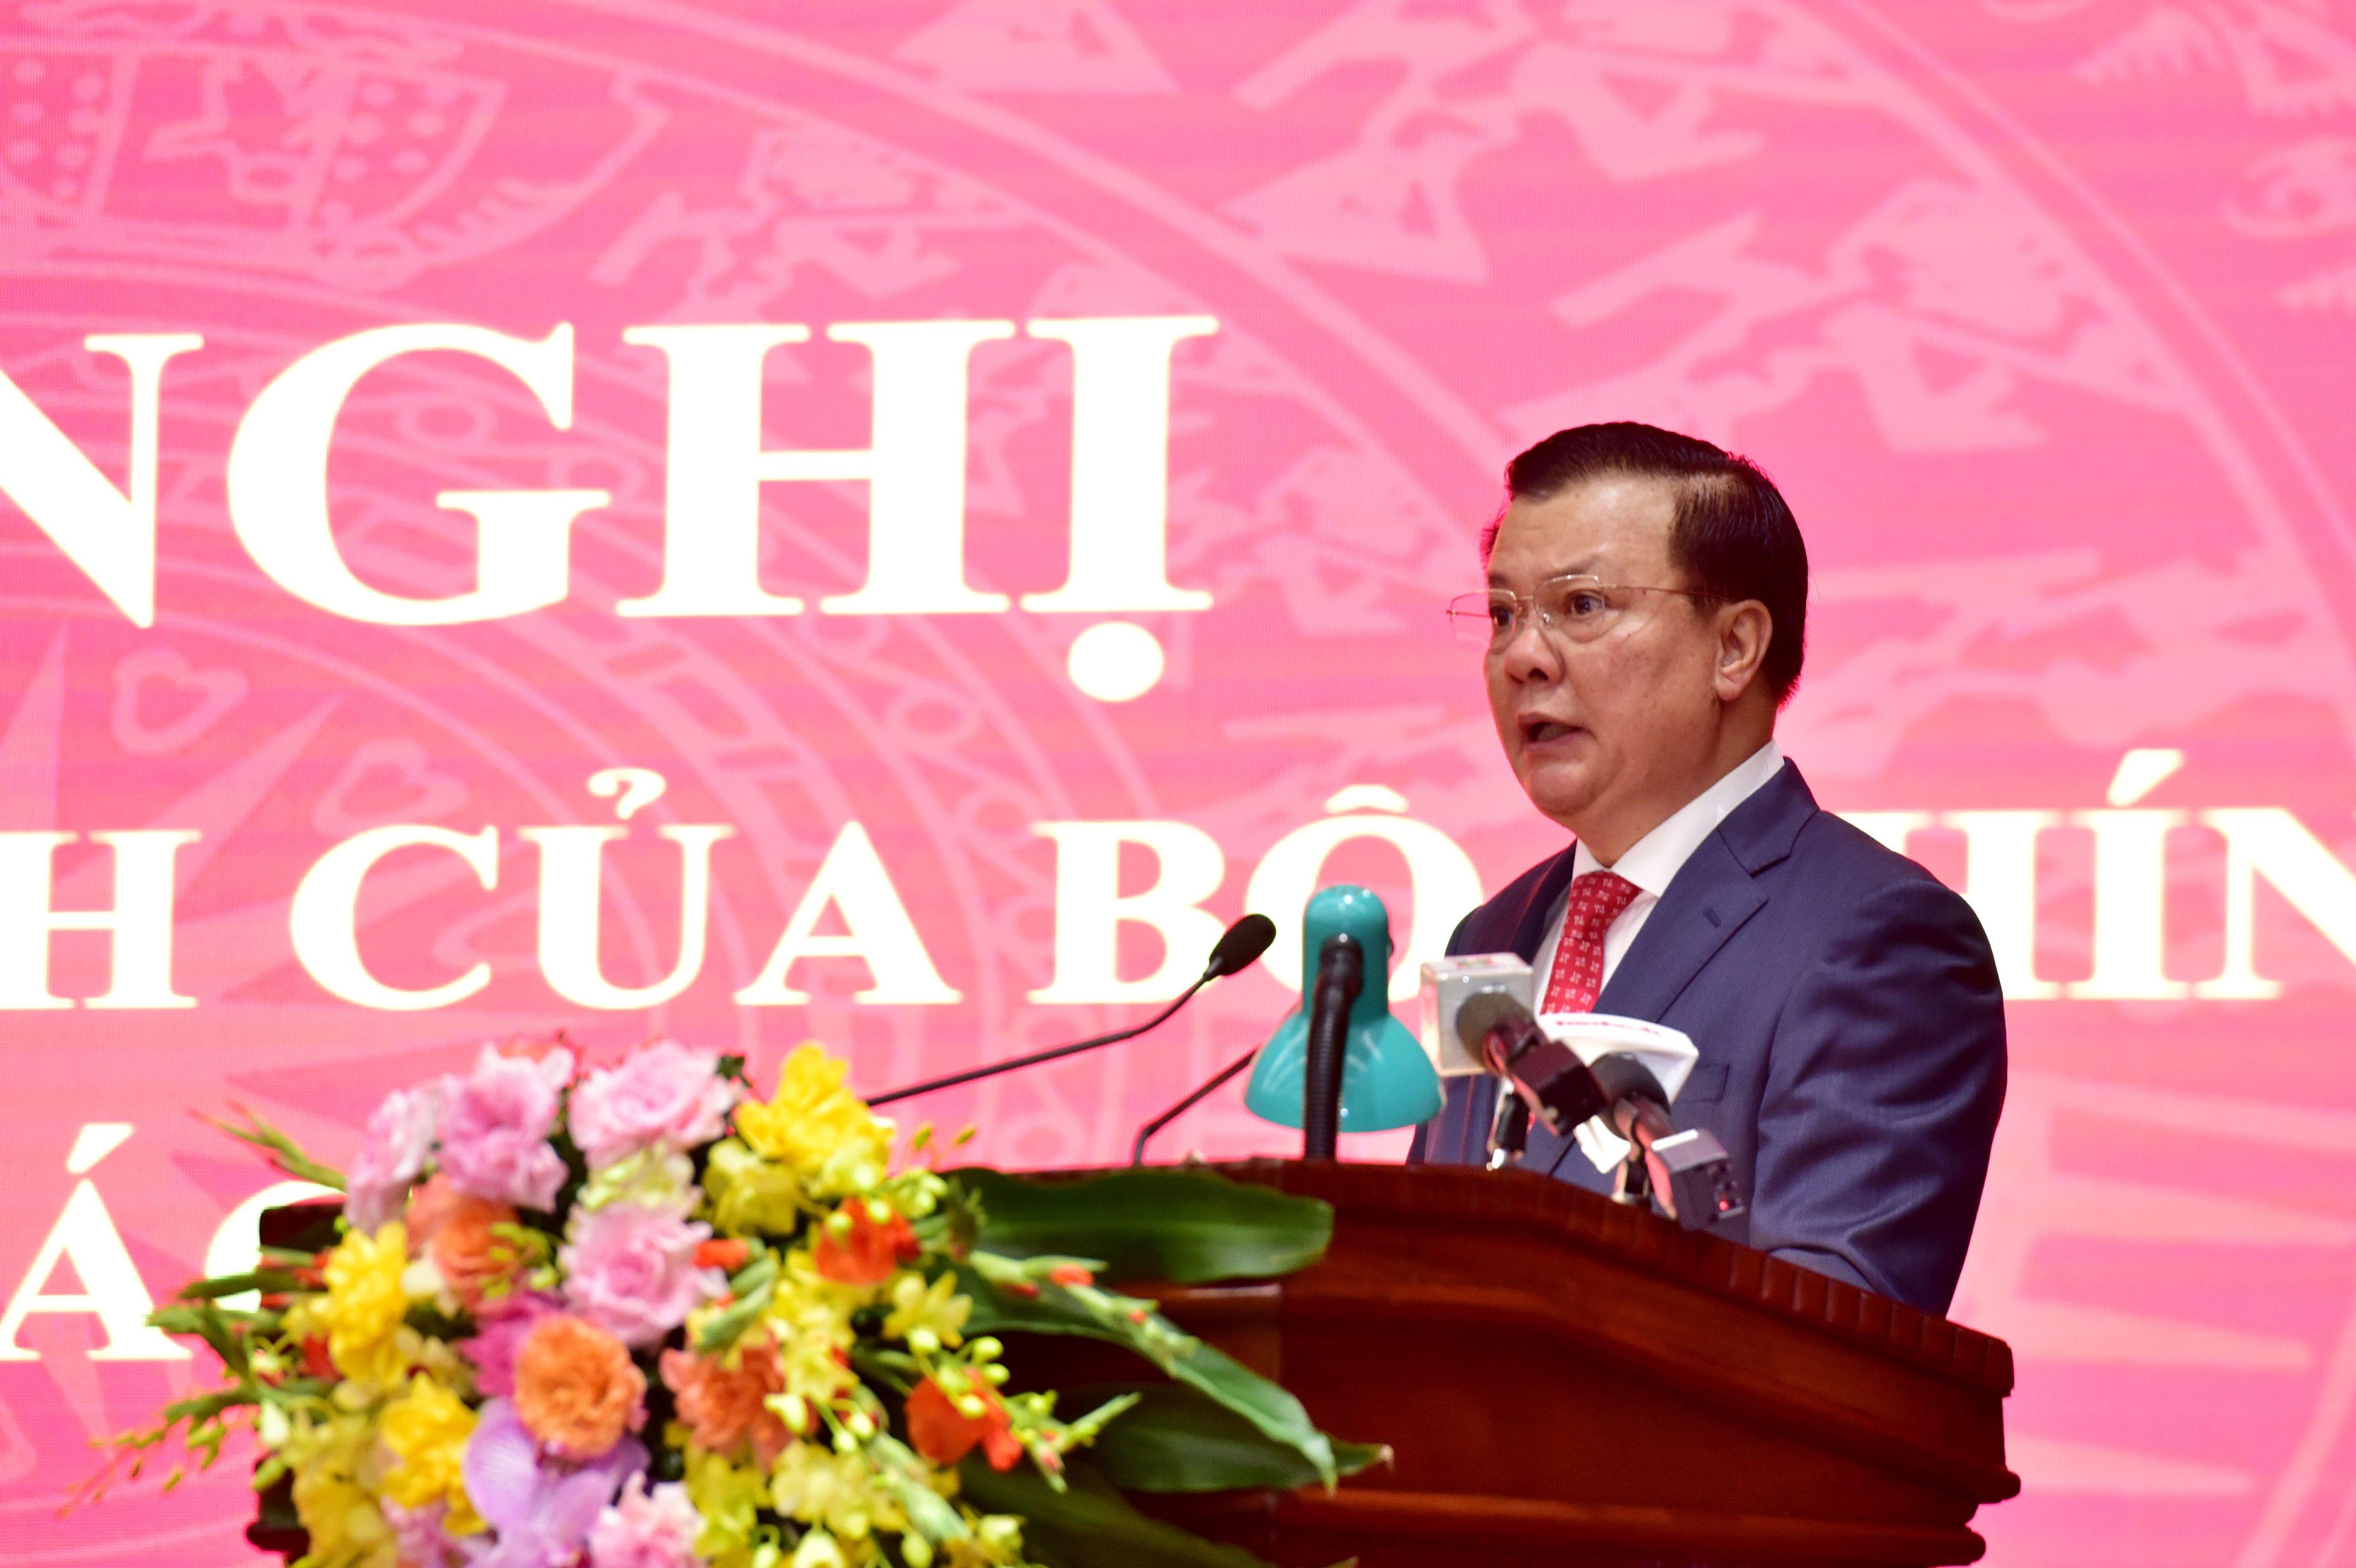 Tân Bí thư Thành ủy Hà Nội Đinh Tiến Dũng phát biểu tại Hội nghị.